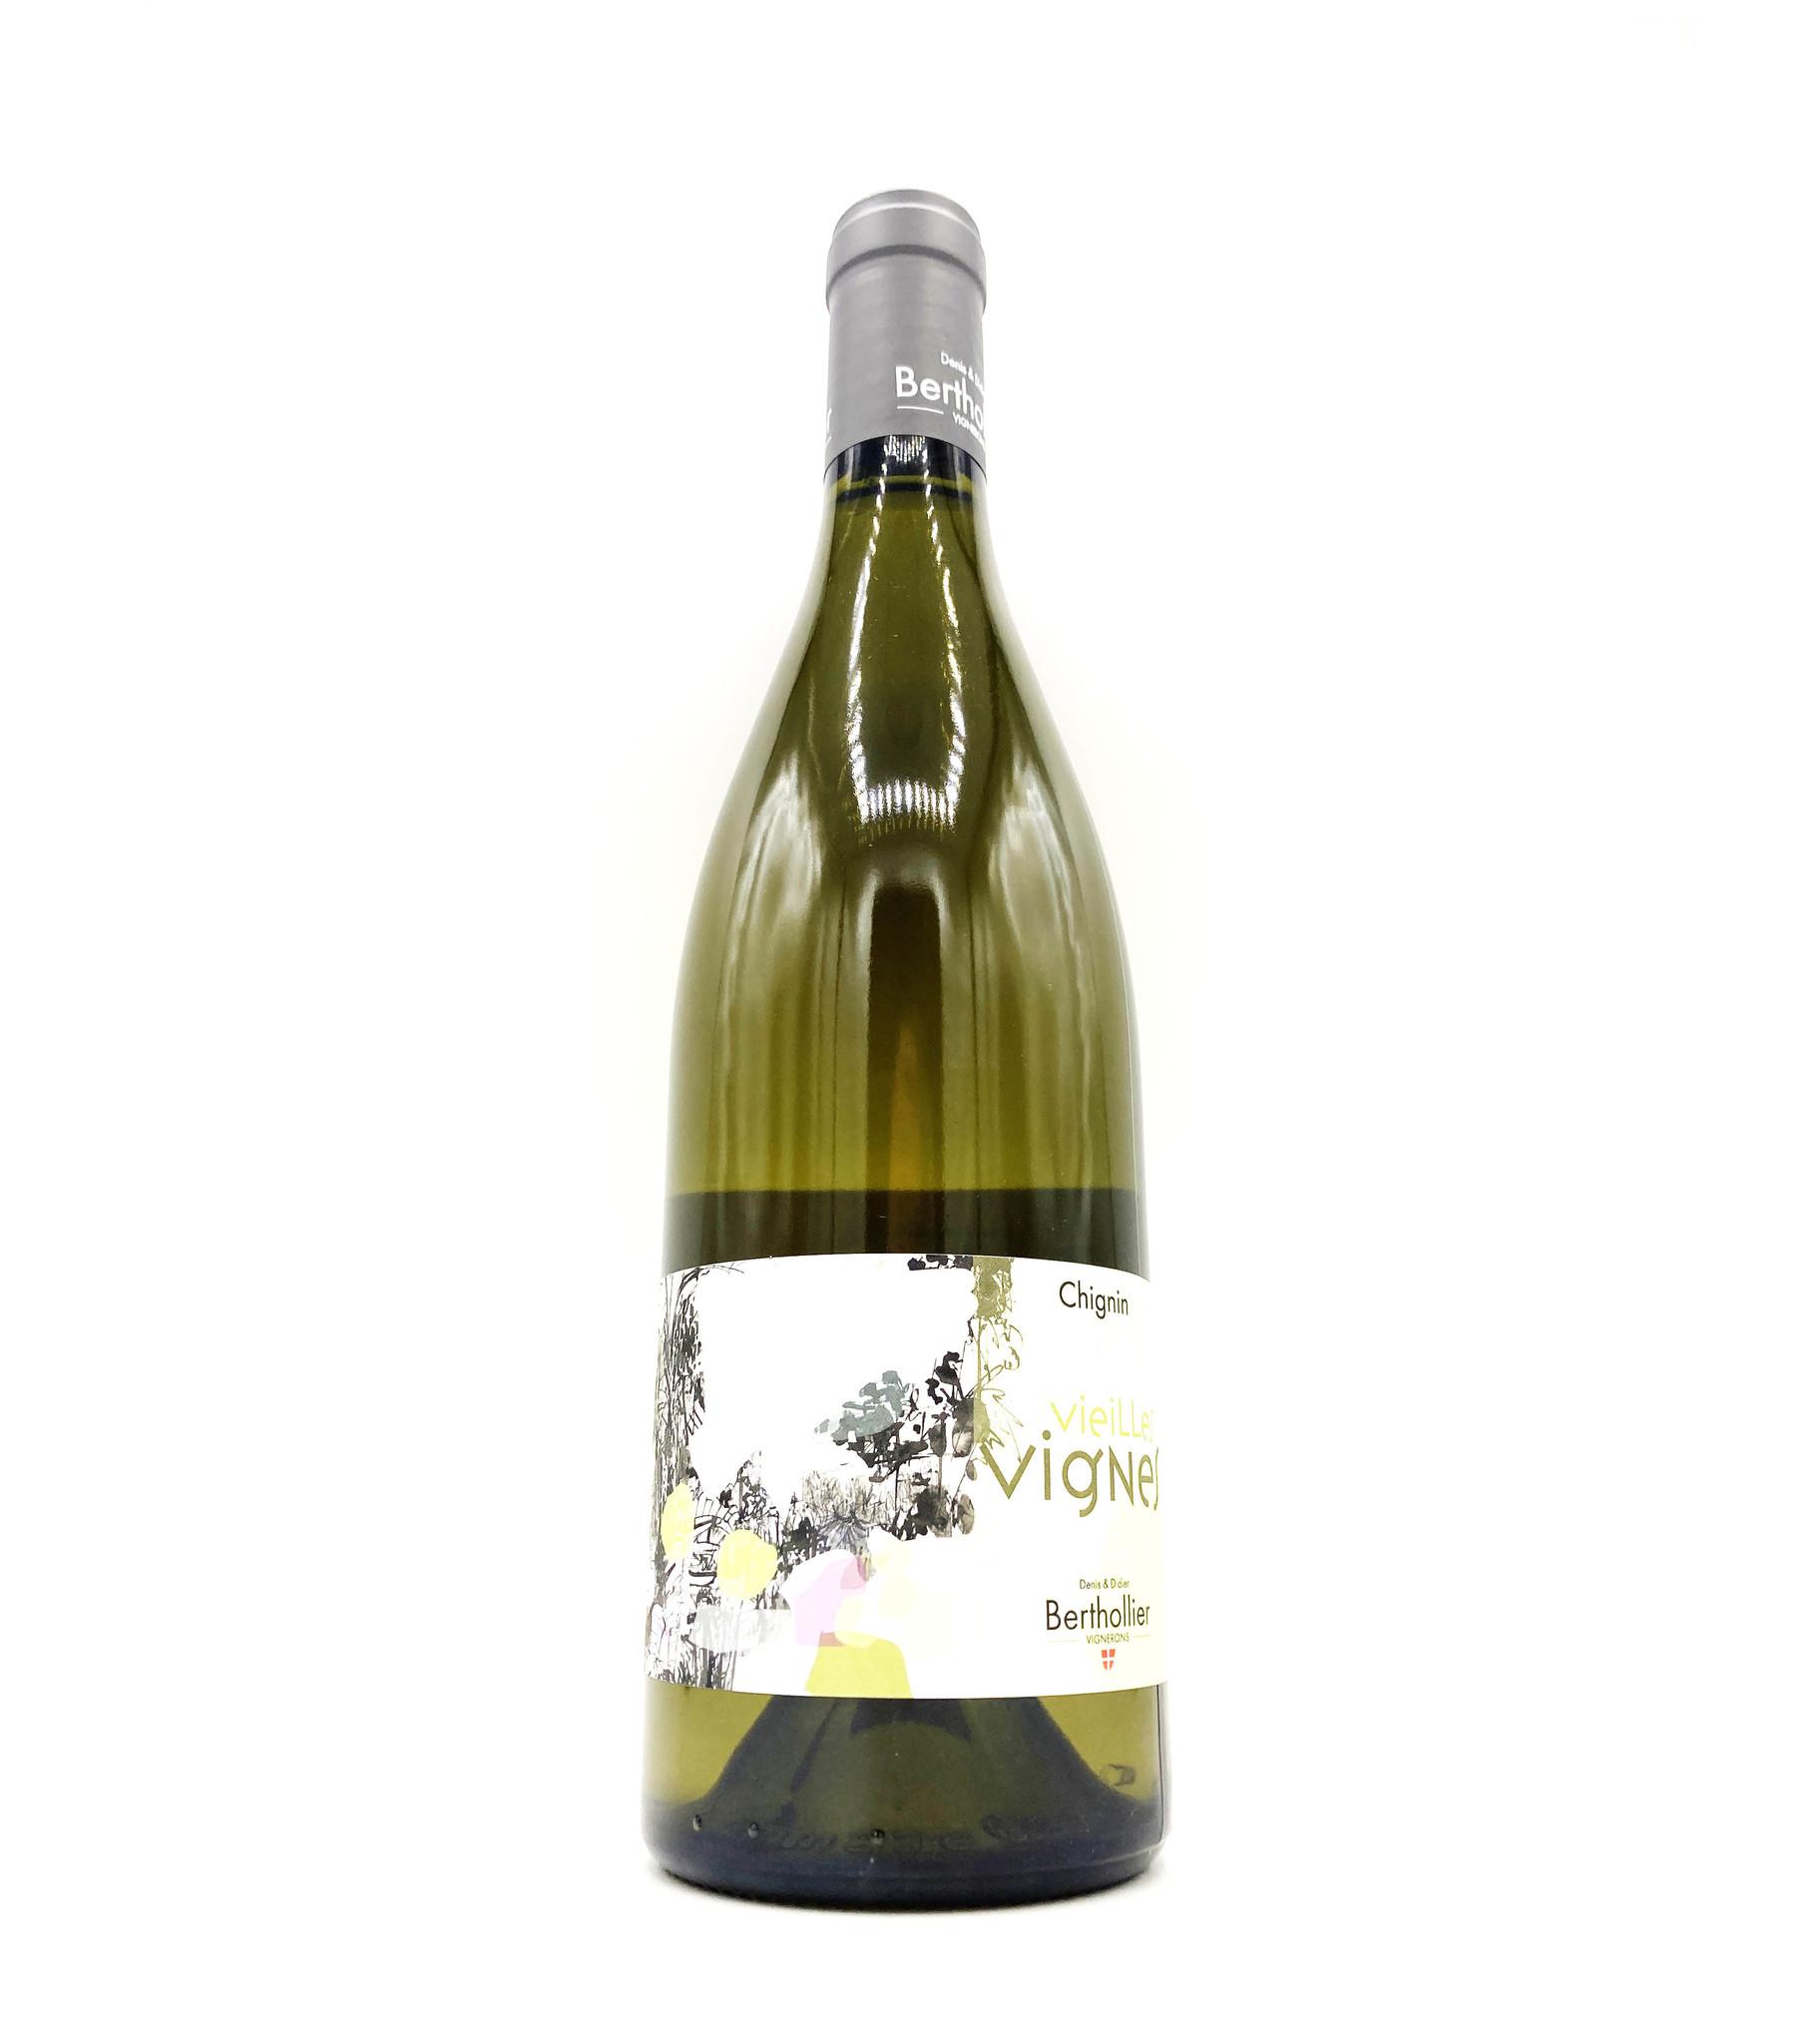 Chignin Vielles Vignes 2020 Berthollier